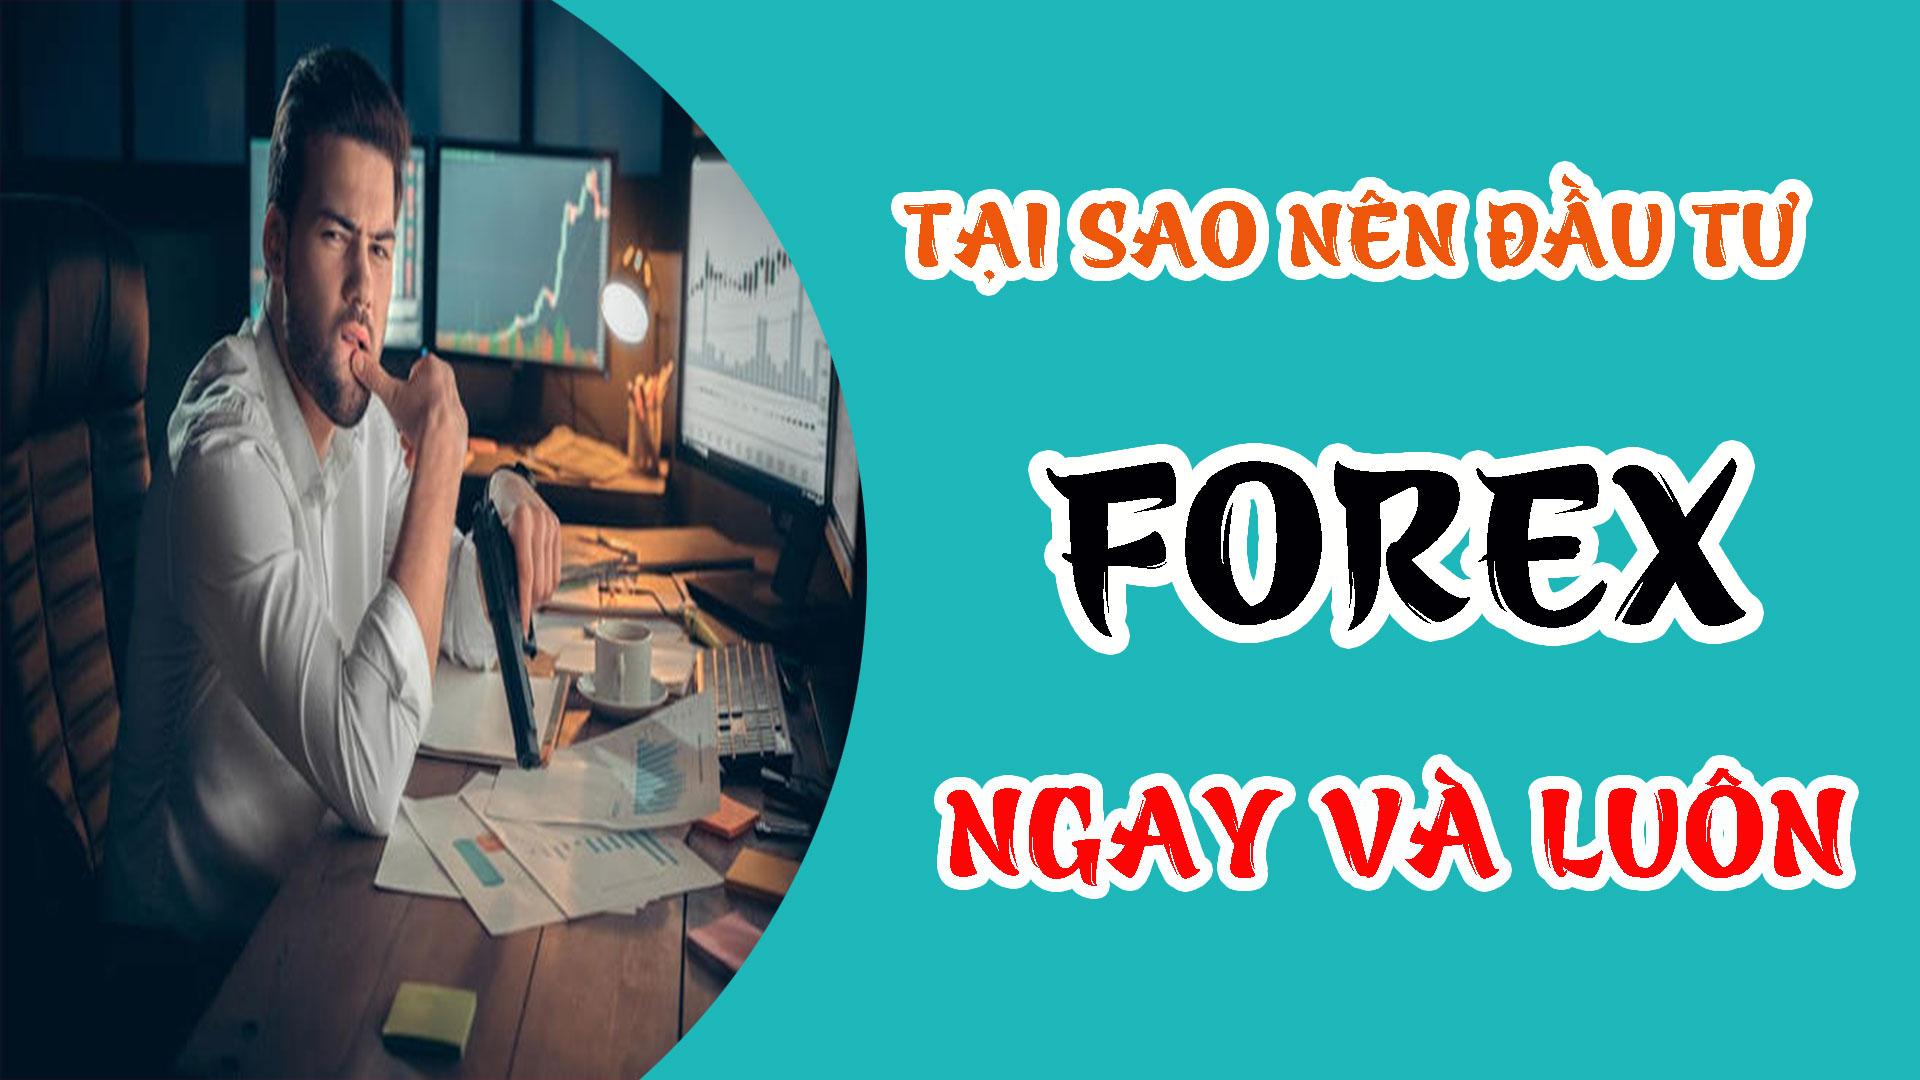 Đầu tư forex: Hướng dẫn cách chơi forex cho người mới